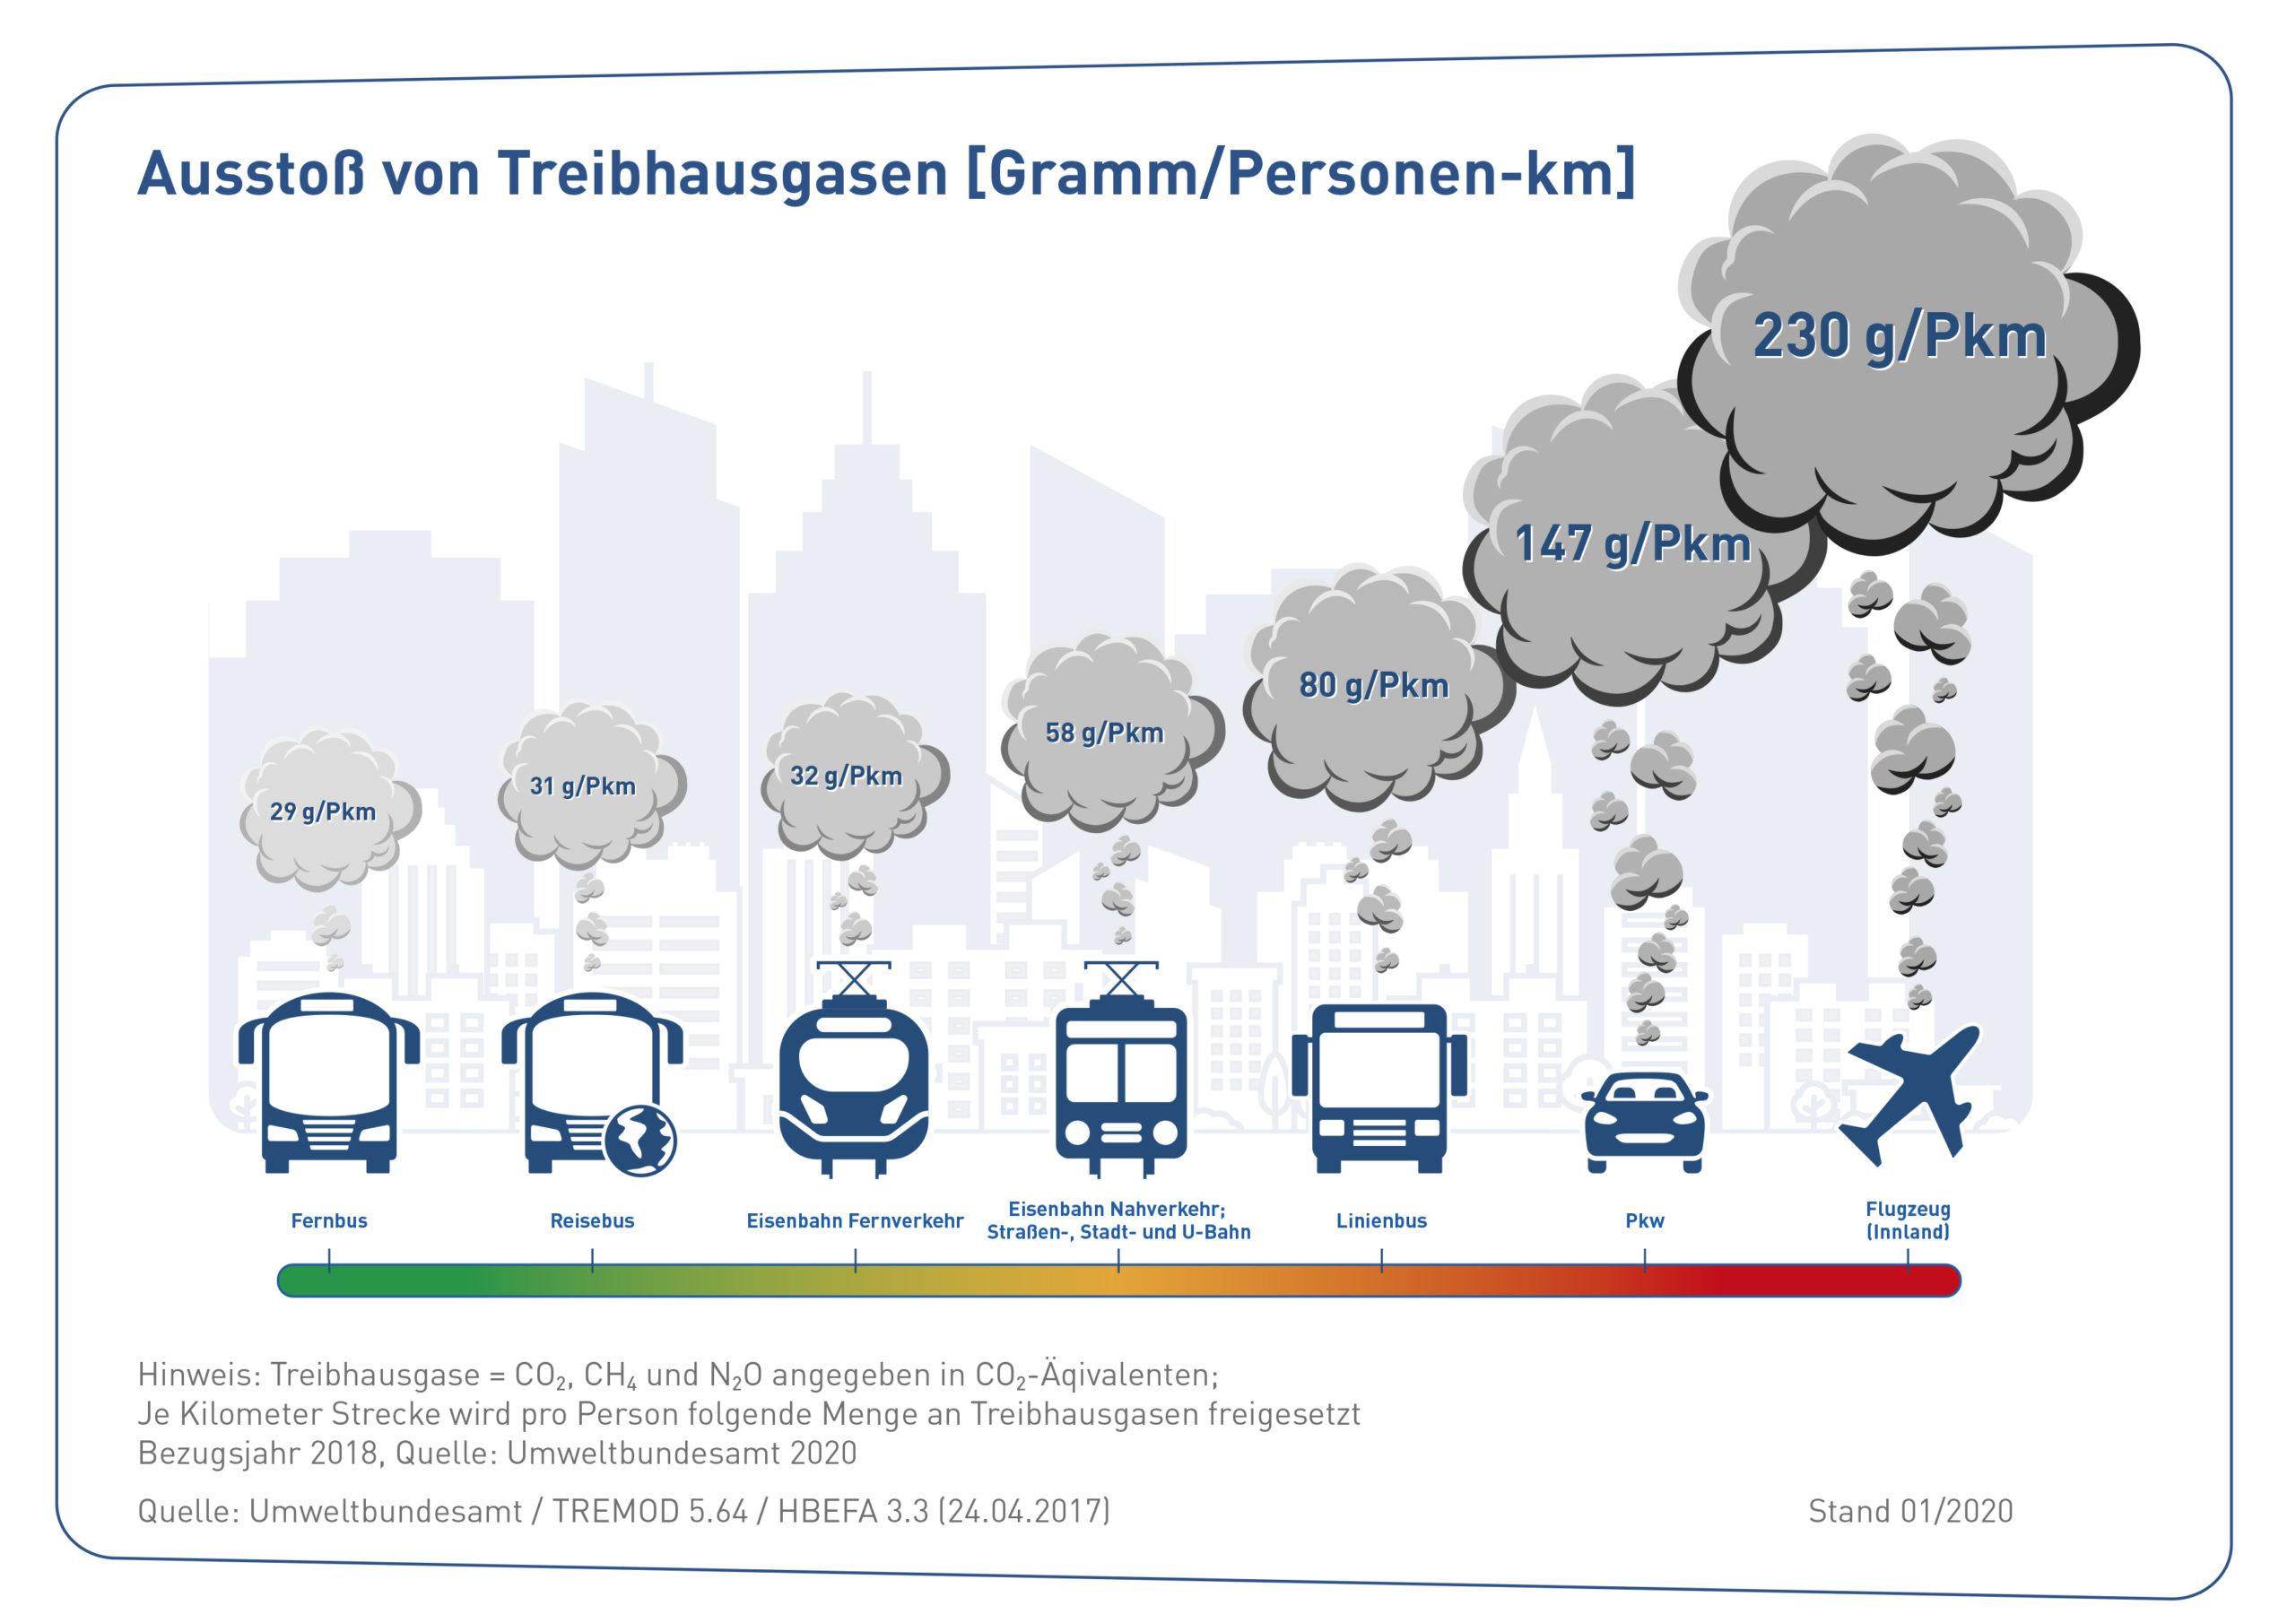 Grafik-Ausstoss-Treibhausgase-2020